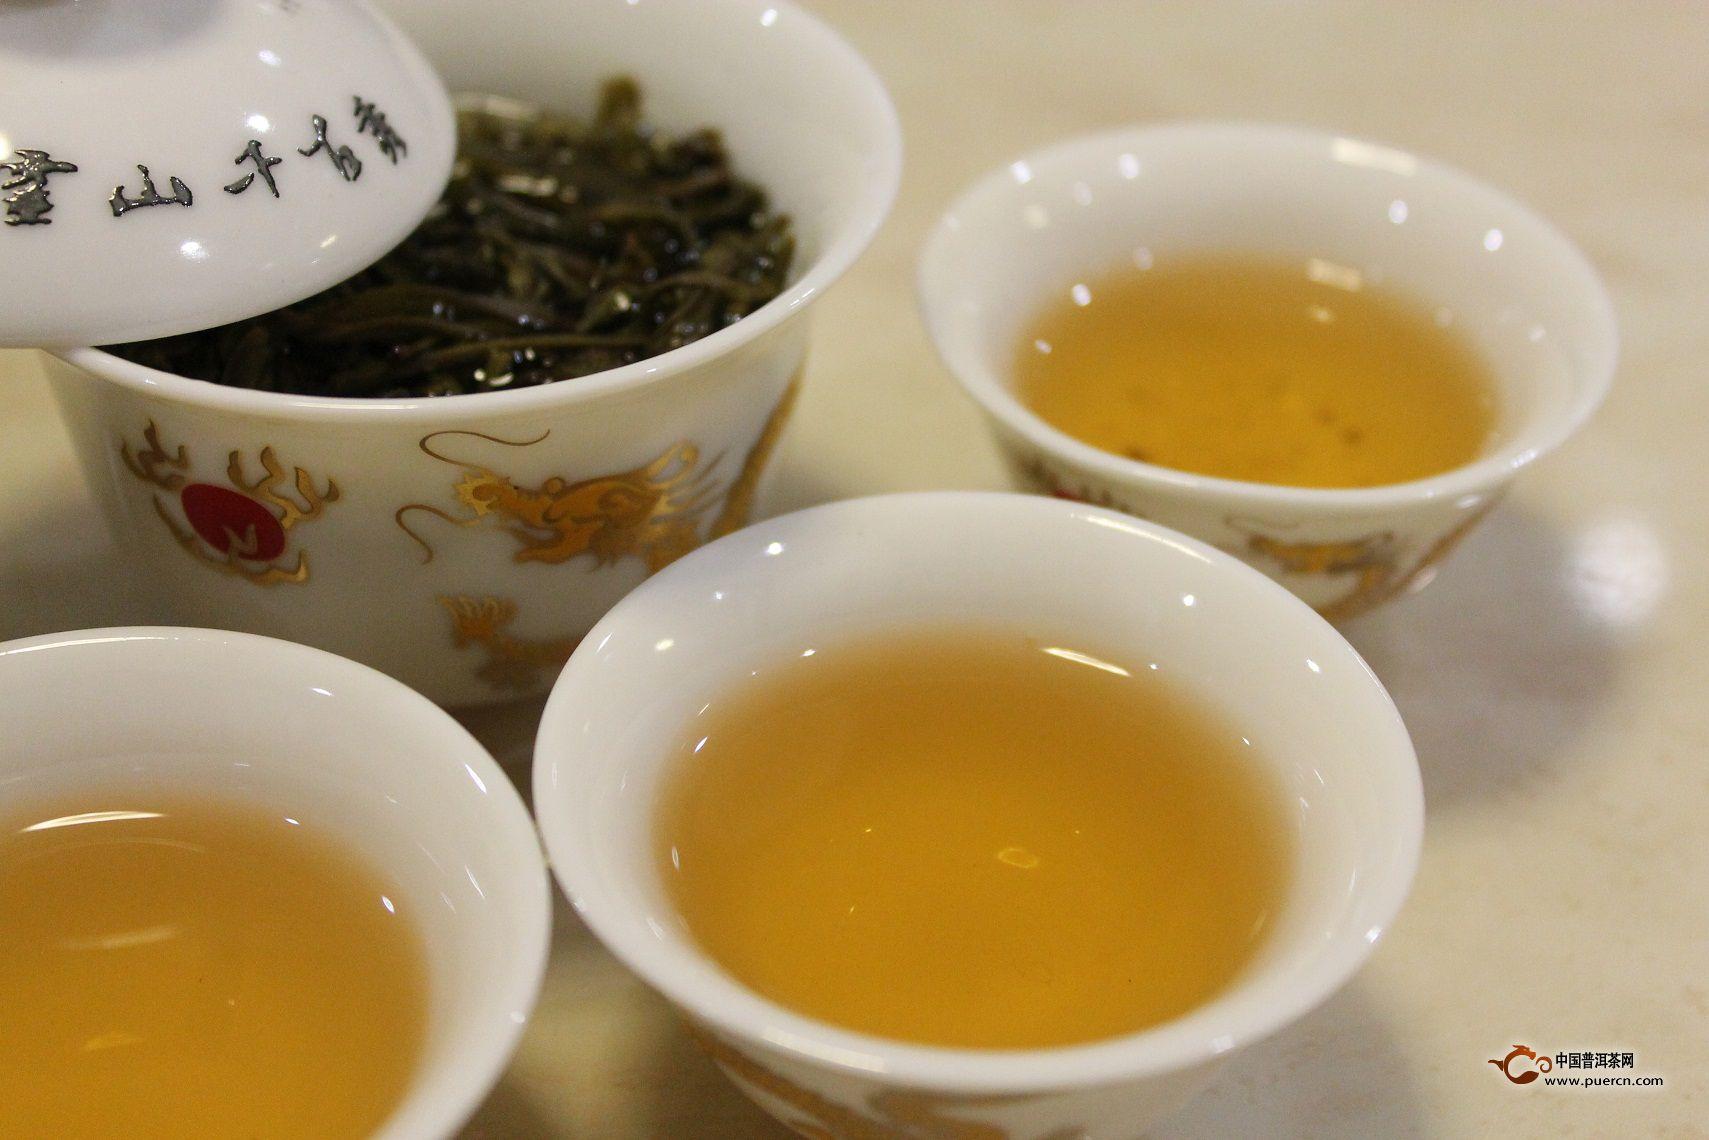 茶汤:古代保健饮品的代名词